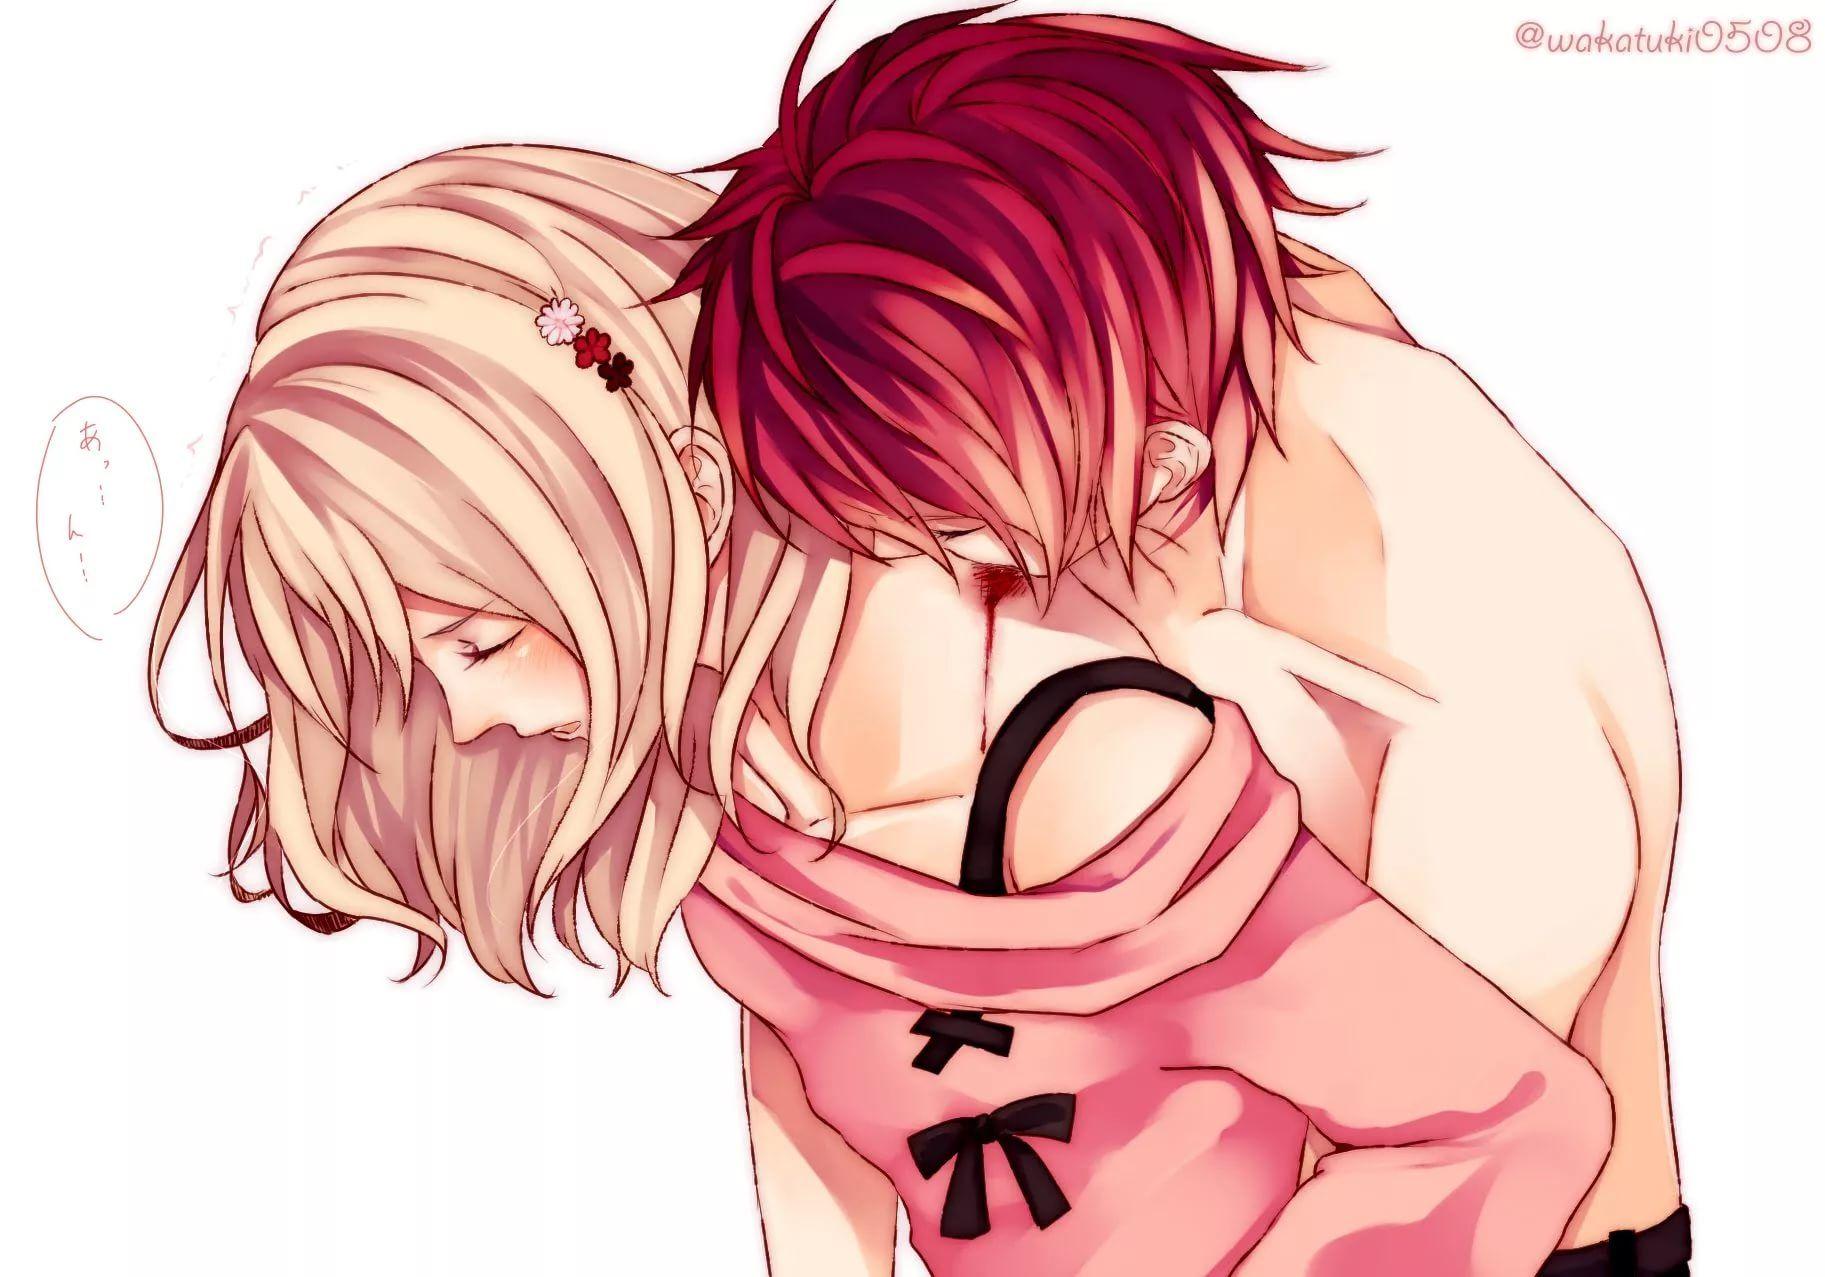 Аниме картинки поцелуев в шею